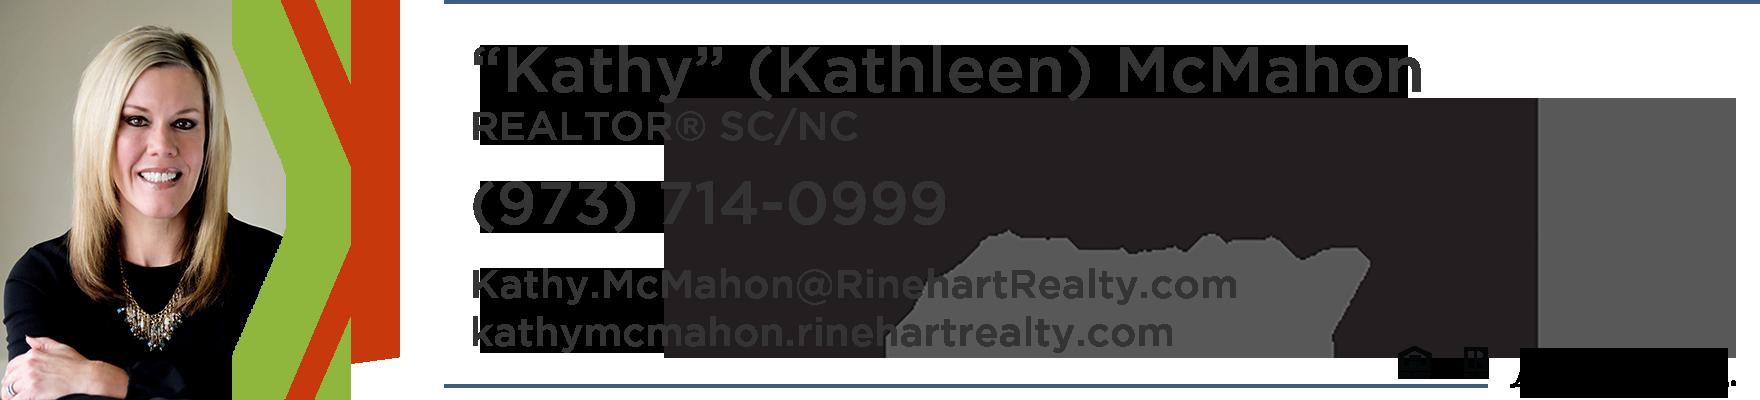 Kathleen Kathy McMahon Realtor SC NC